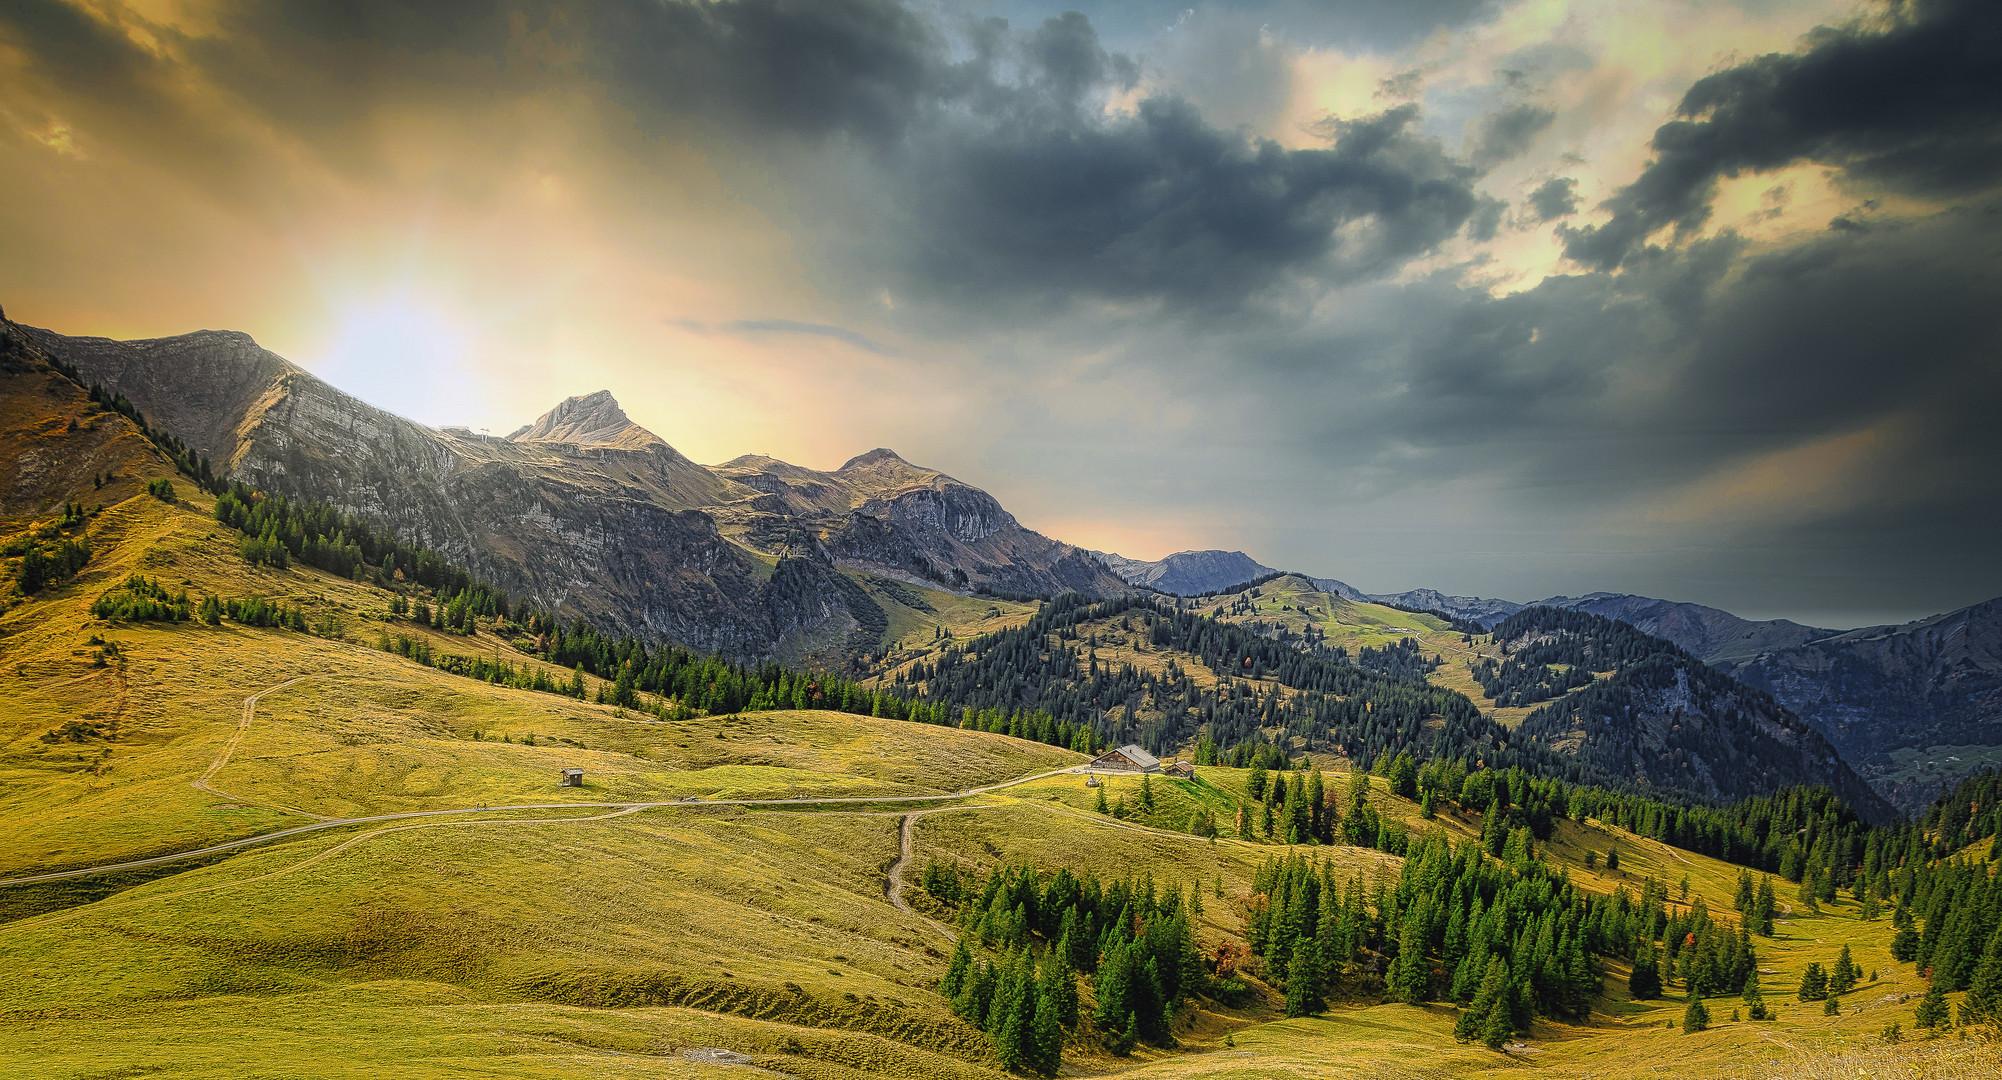 Bregenzerwald Foto & Bild | landschaft, world, kalt Bilder